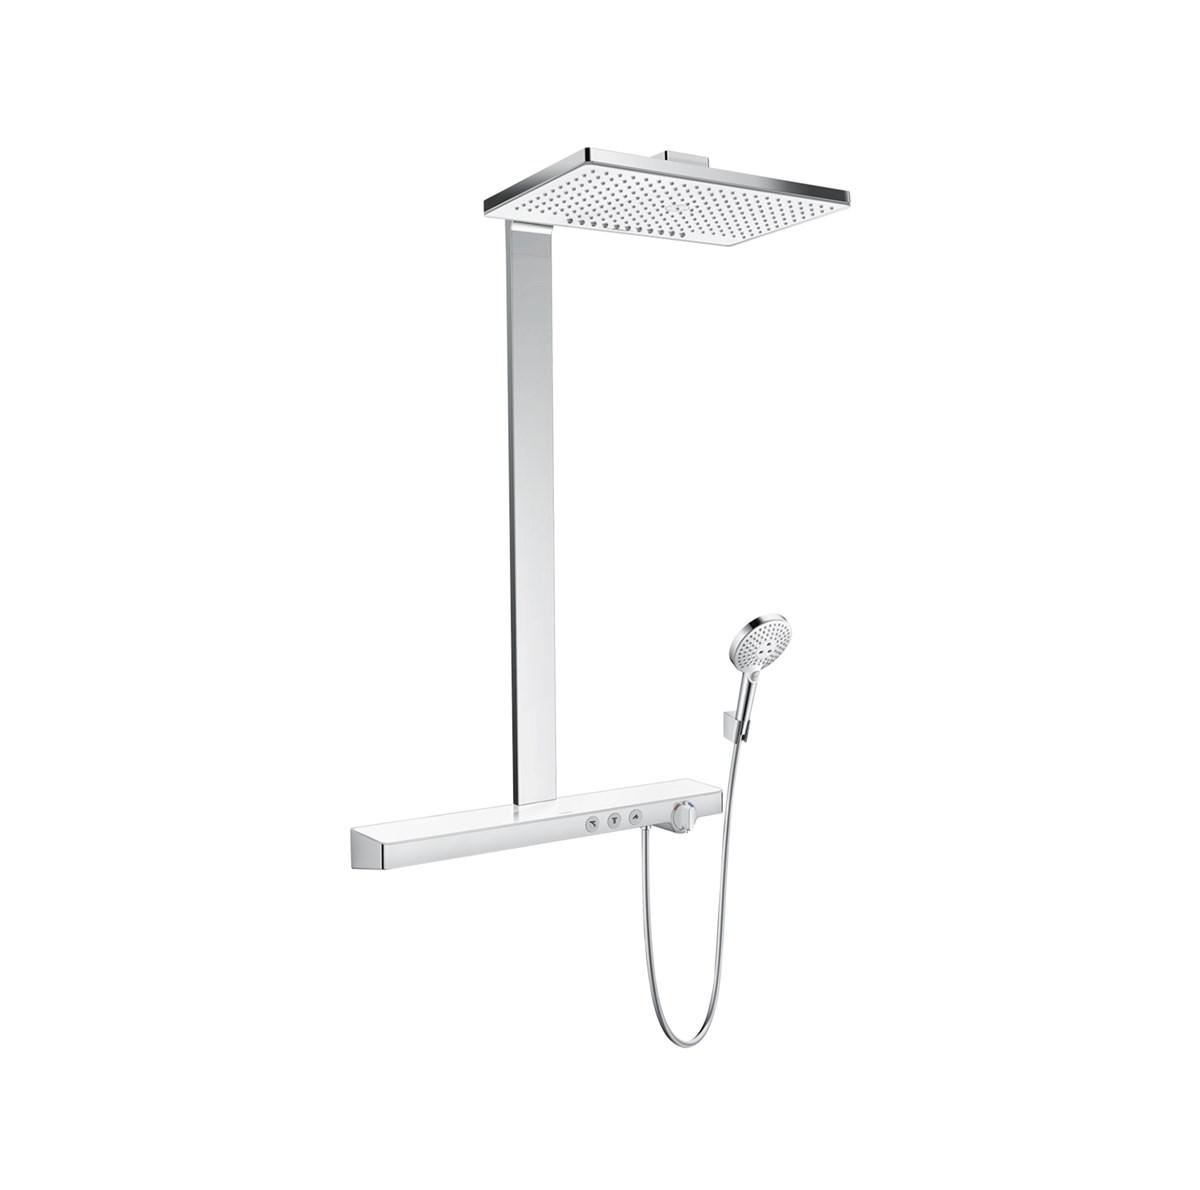 Hansgrohe-Rainmaker-Select-Showerpipe-460-EcoSmart-27028400-Matisse-1